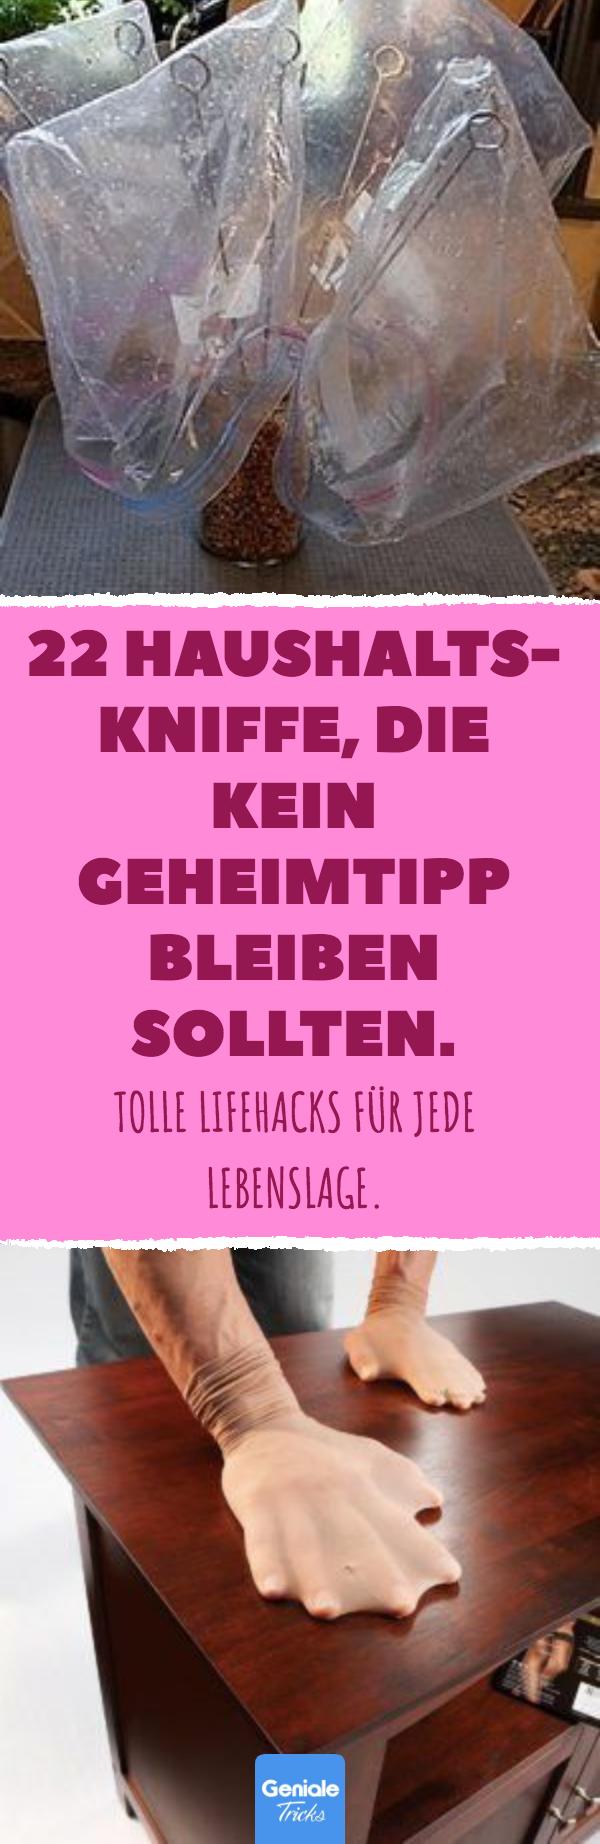 22 Haushalts-Kniffe, die kein Geheimtipp bleiben sollten #householdhacks